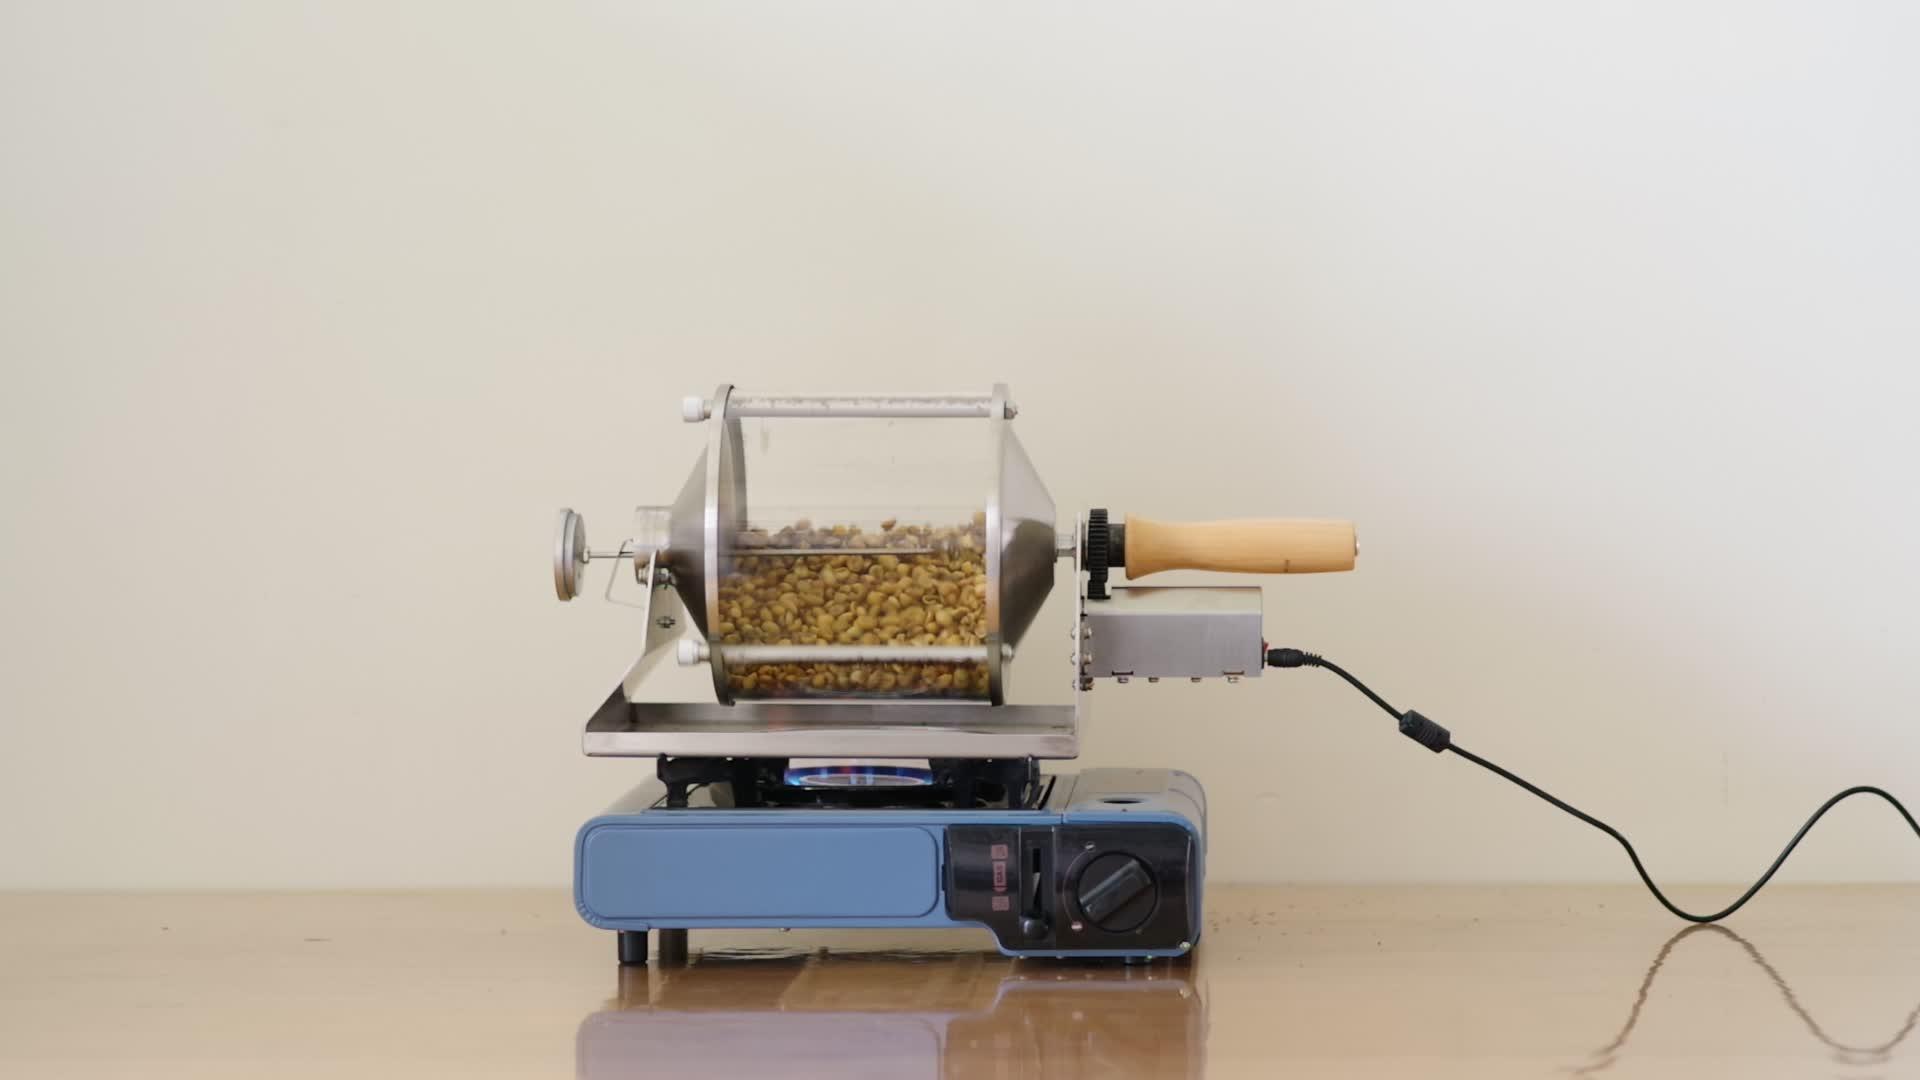 Maison Torréfacteur Machine de Torréfaction de Café, machine de torréfaction d'arachide